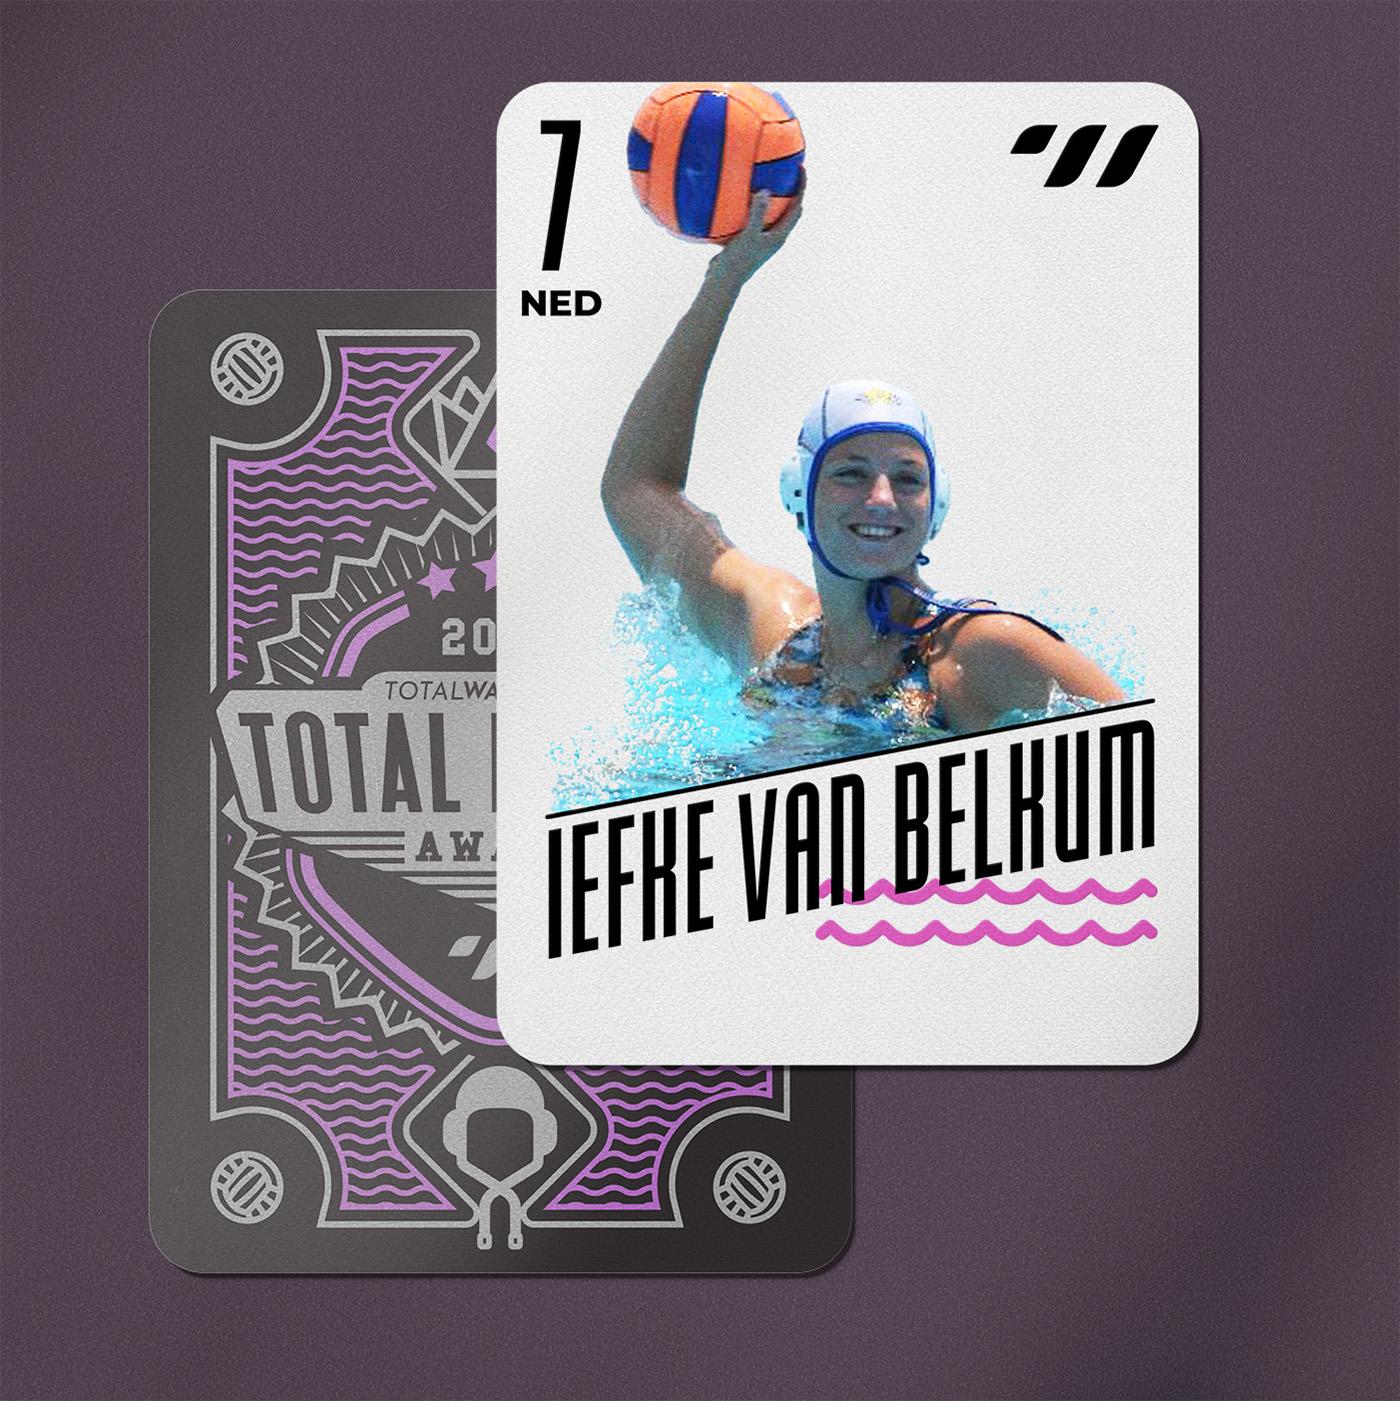 LEFT SIDE - Iefke Van Belkum (NED)